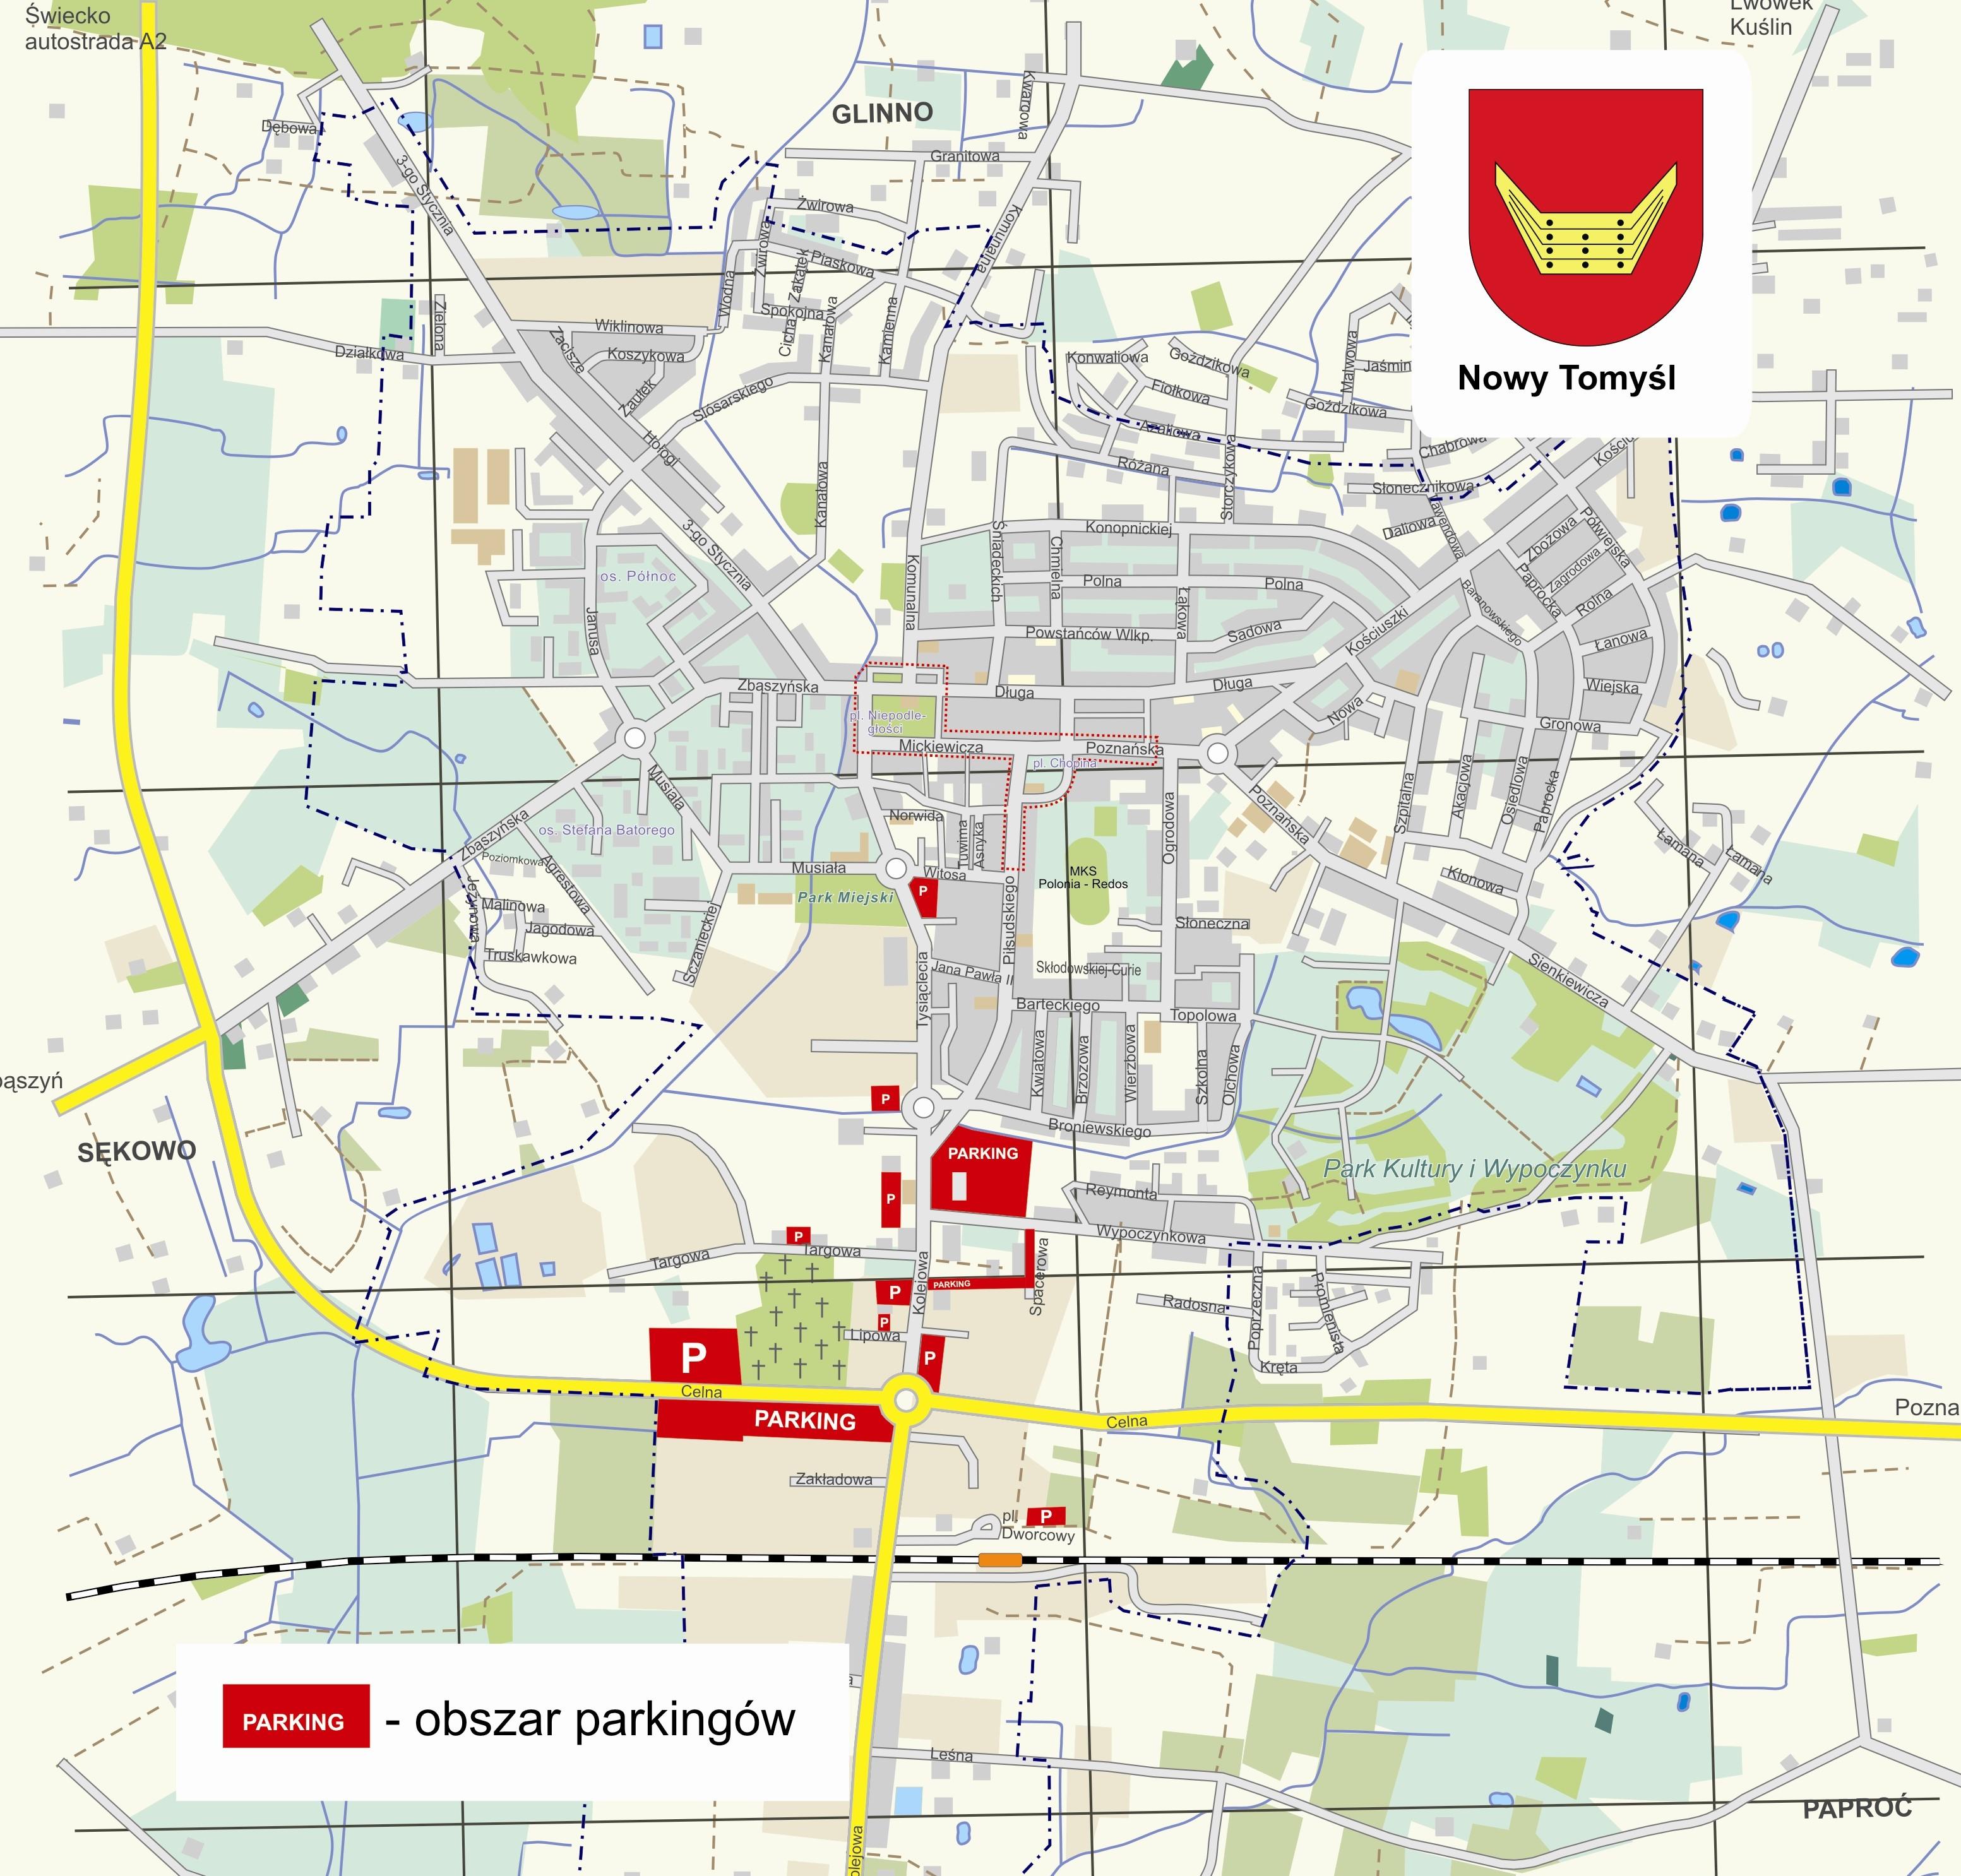 Mapa parkingów dostępnych w dniu 1.11.2019 r.